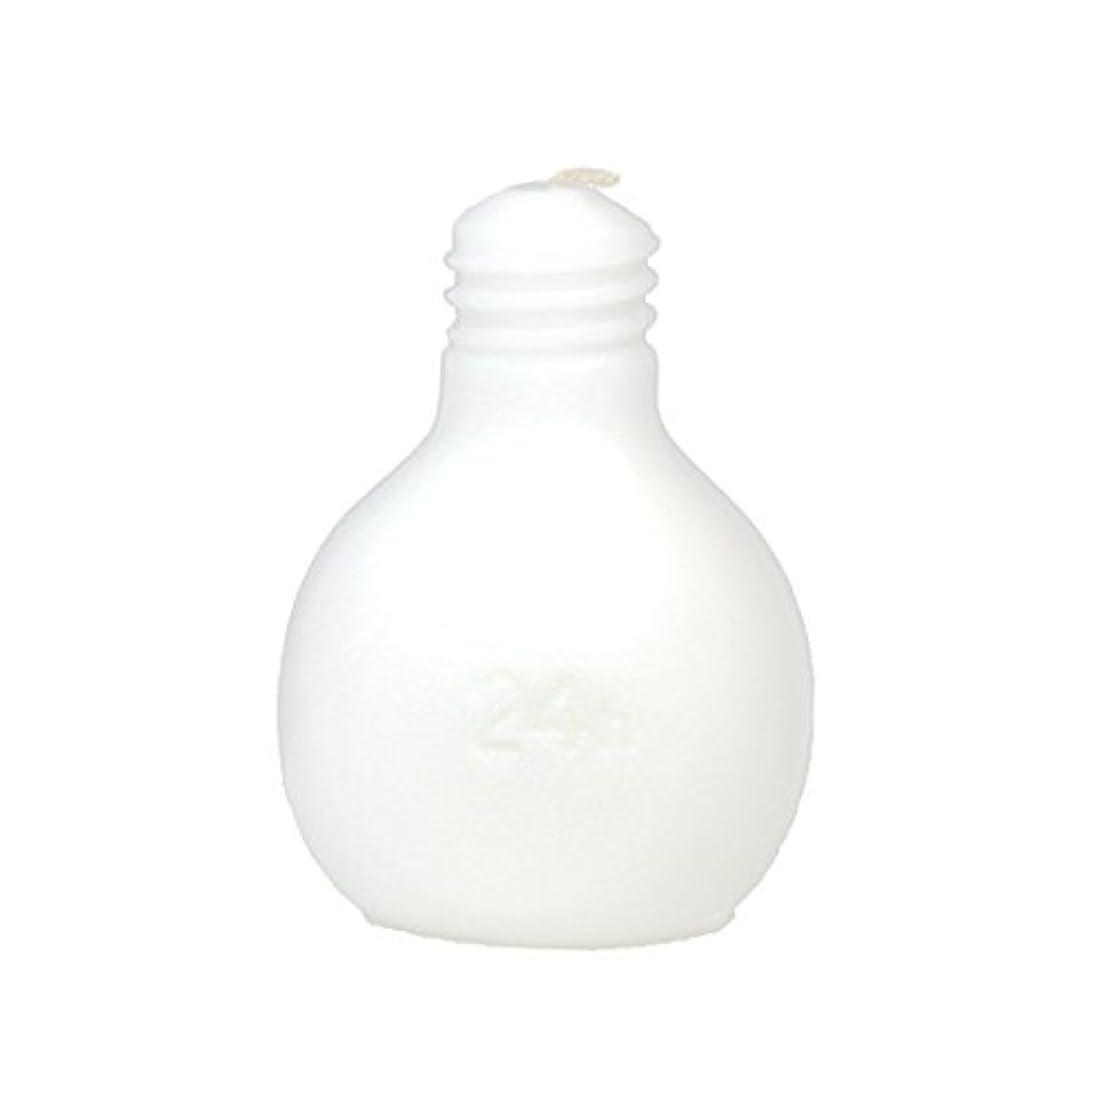 バッグ傾向水平カメヤマキャンドルハウス 節電球キャンドル  ホワイト